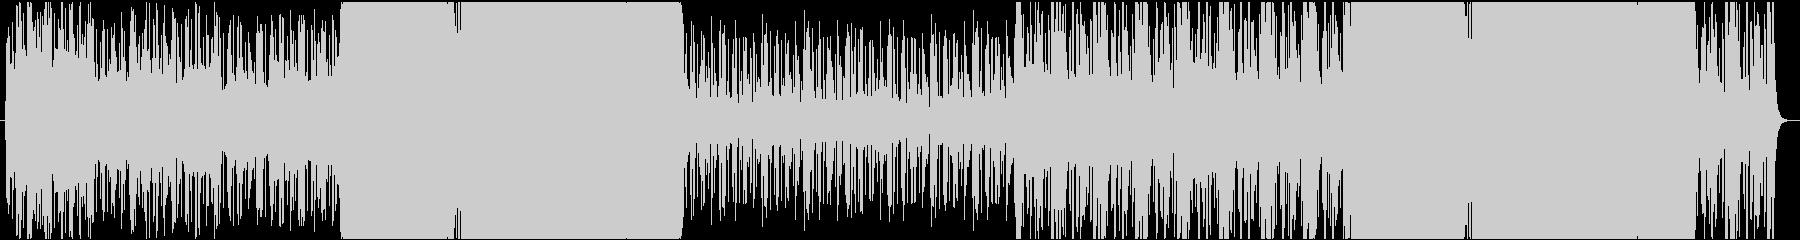 緊迫したリズムがメインのBGMの未再生の波形